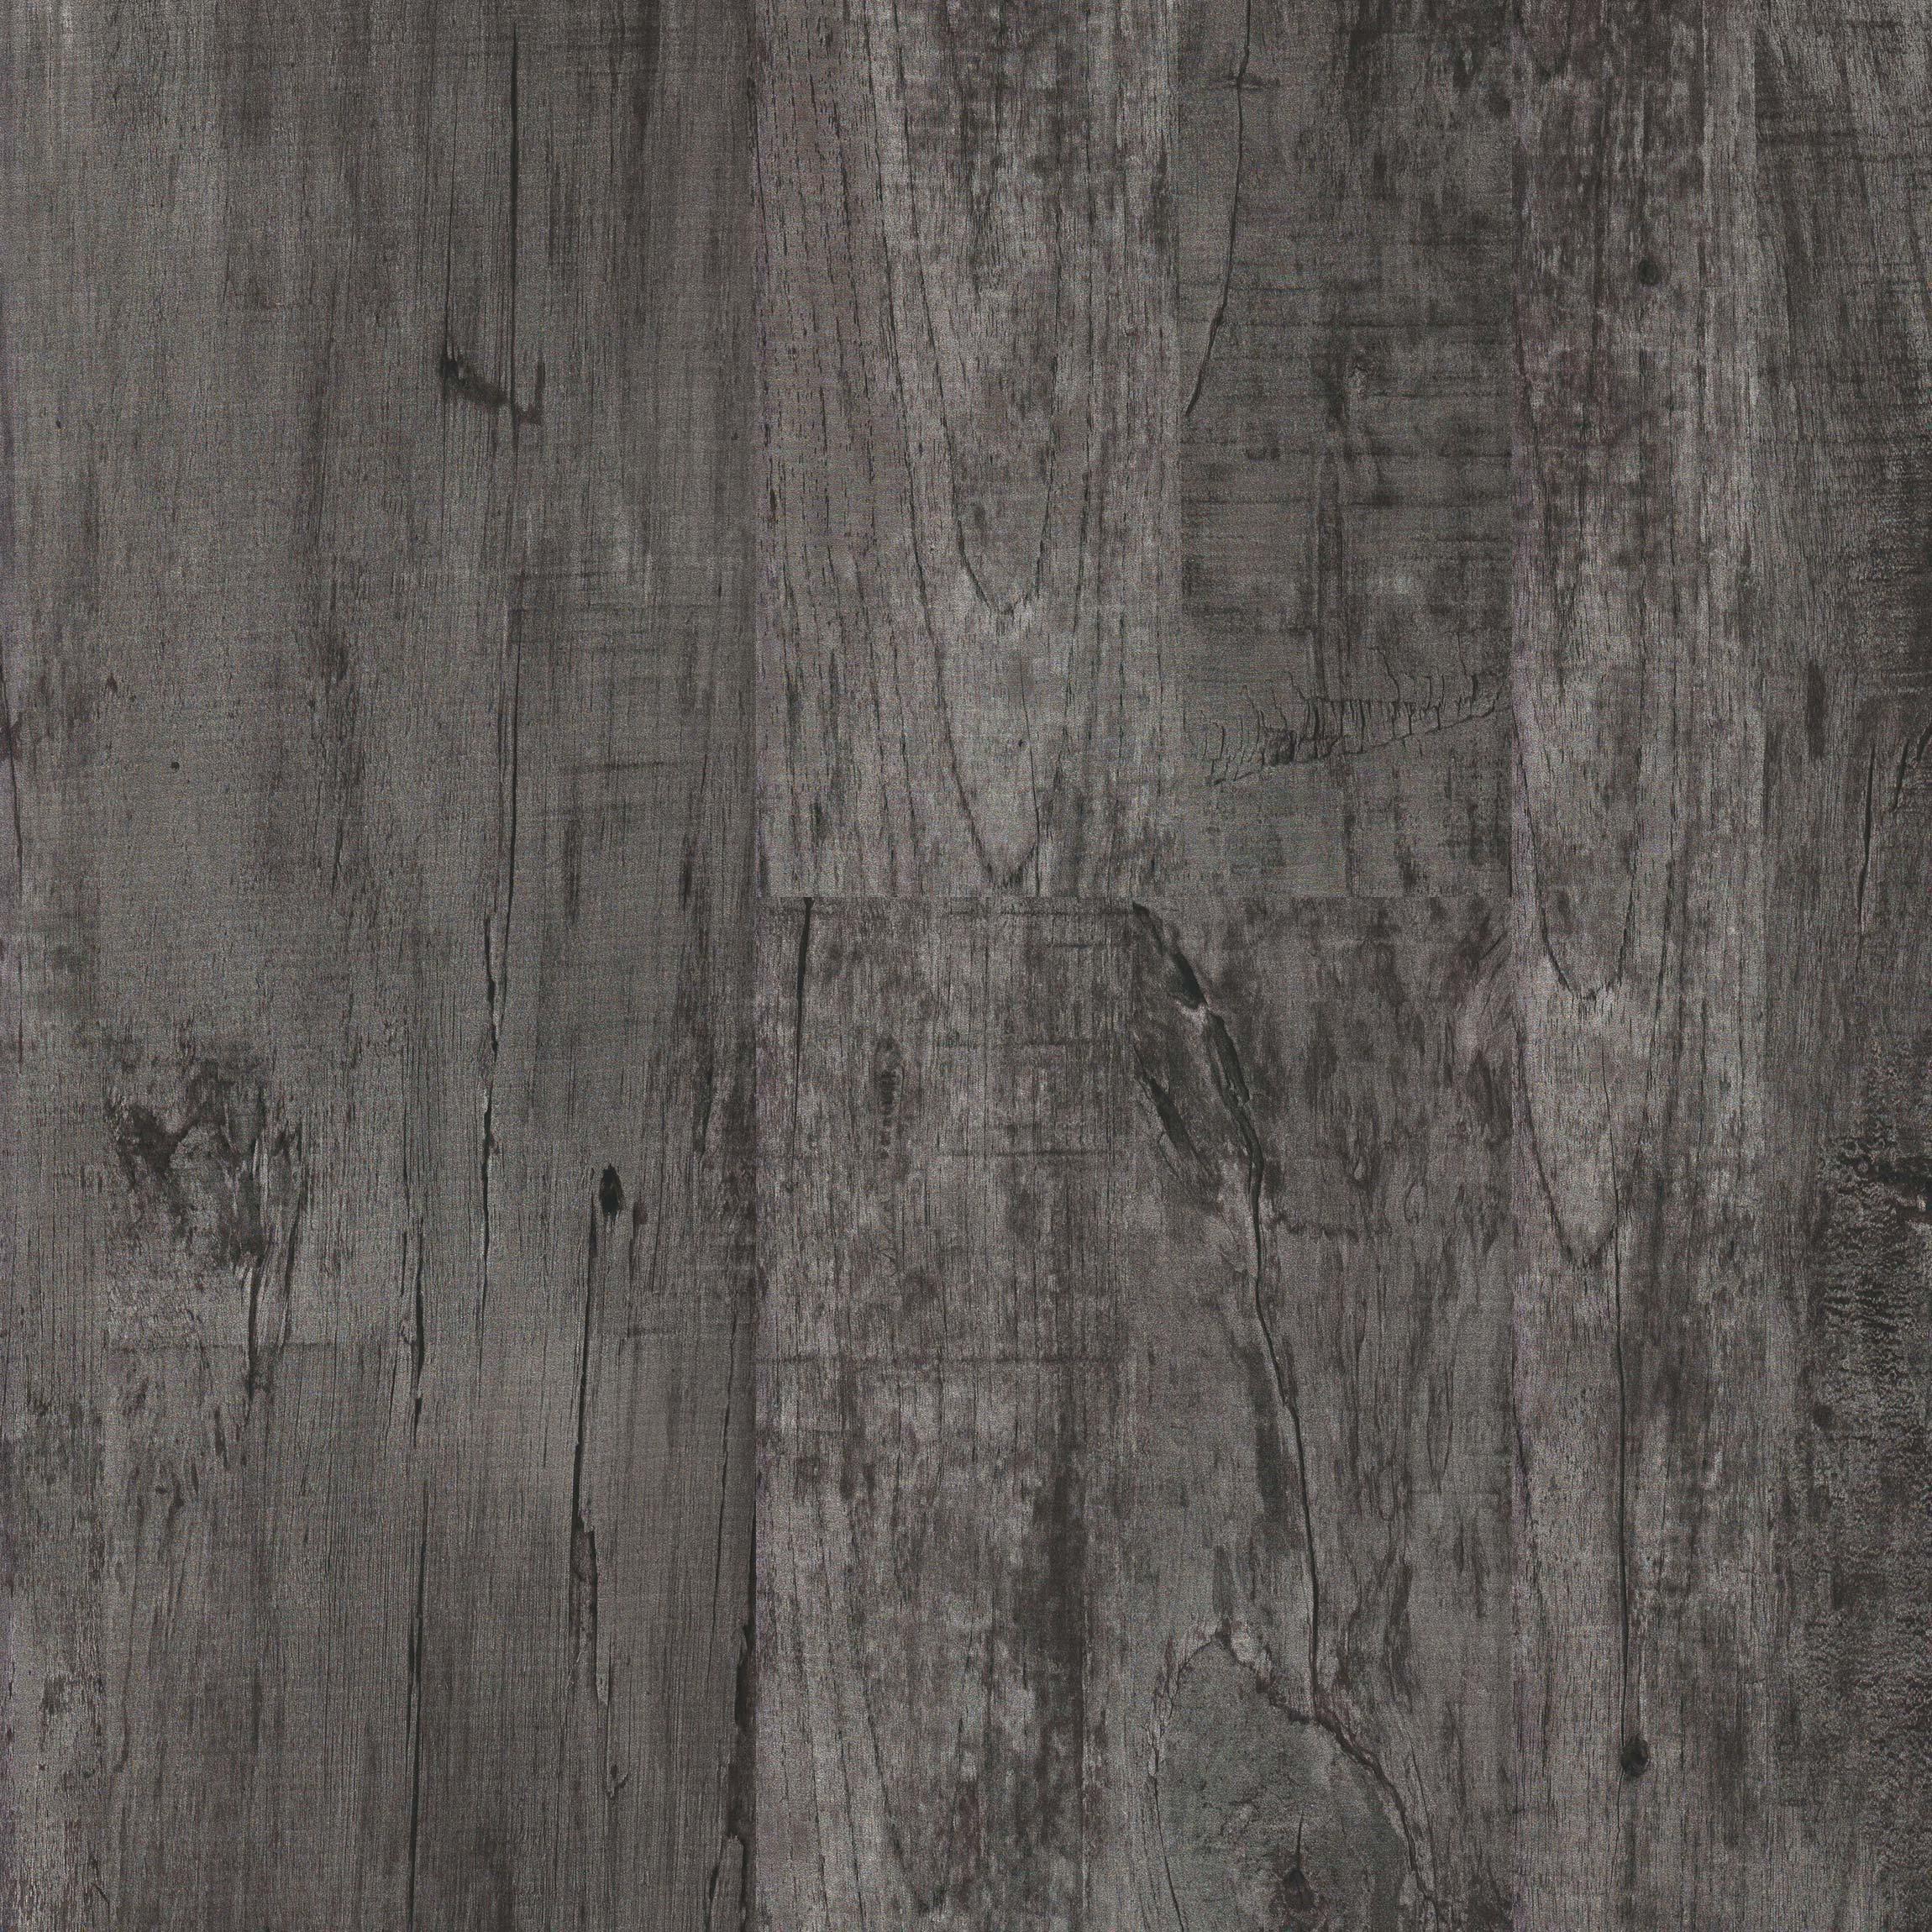 Supreme Elite Freedom Series Liberty Bell Gray Waterproof Loose Lay Vinyl Plank